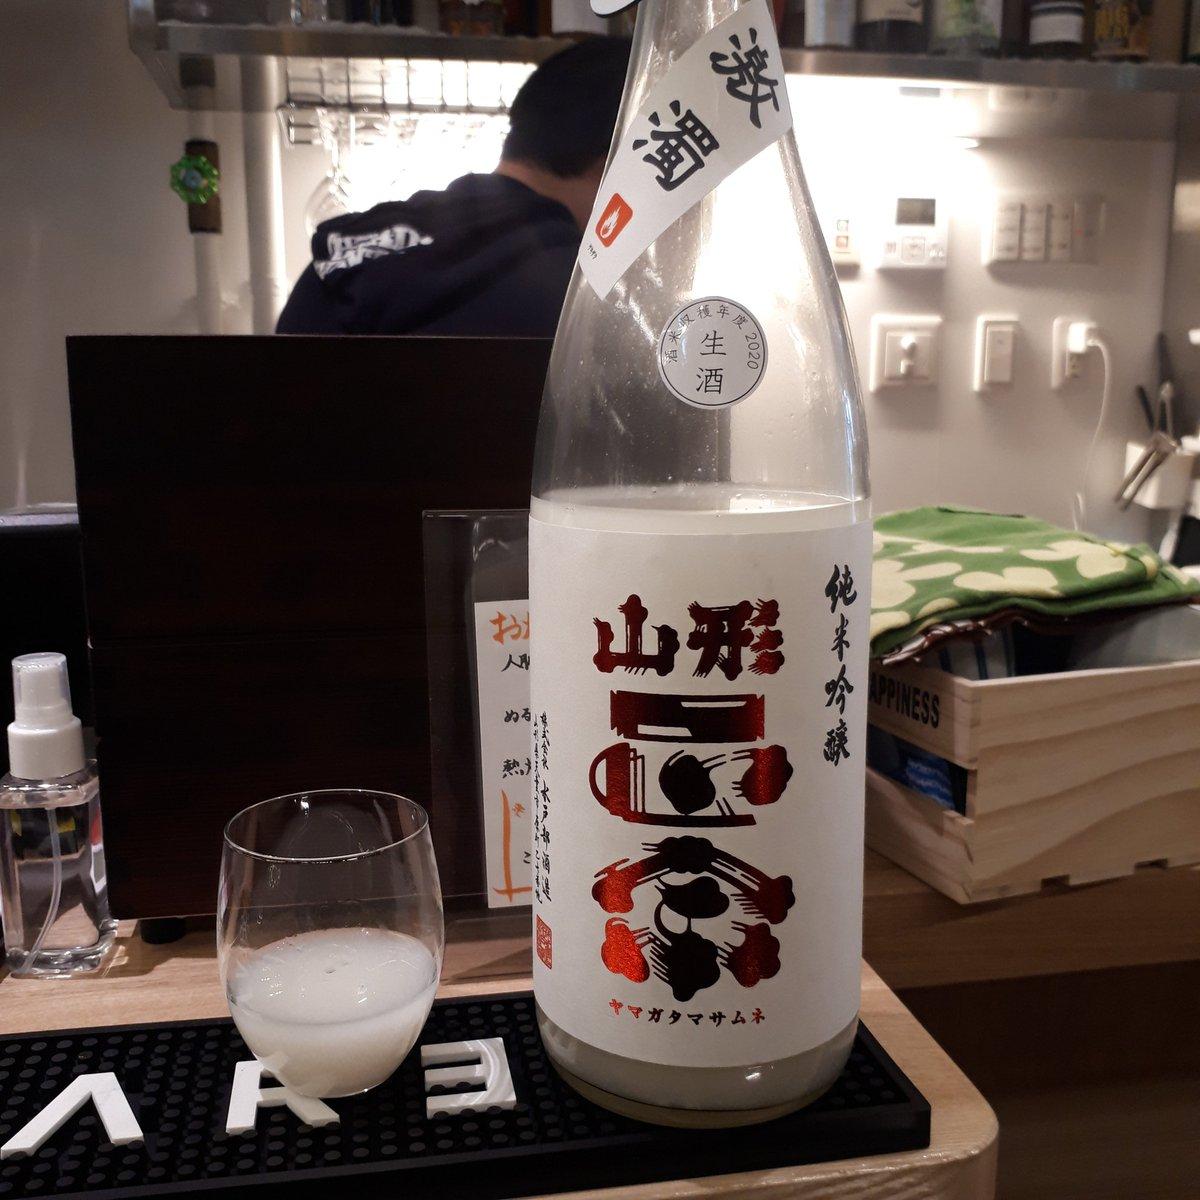 test ツイッターメディア - 他にも沢山頂きましたが #山形正宗激濁純米吟醸 美味しい廣戸川にごりに似てるかな #天領盃ウロボロス 貴醸酒ですが甘すぎす飲める #no6rtype2019  スイスイ呑めて美味しい #梅乃宿アンフェインドサケ  おすすめで頂きました 60℃はスイスイ 55℃はキレがありどちらも美味しい #barmatsuzaki https://t.co/AxsYBQZW9x